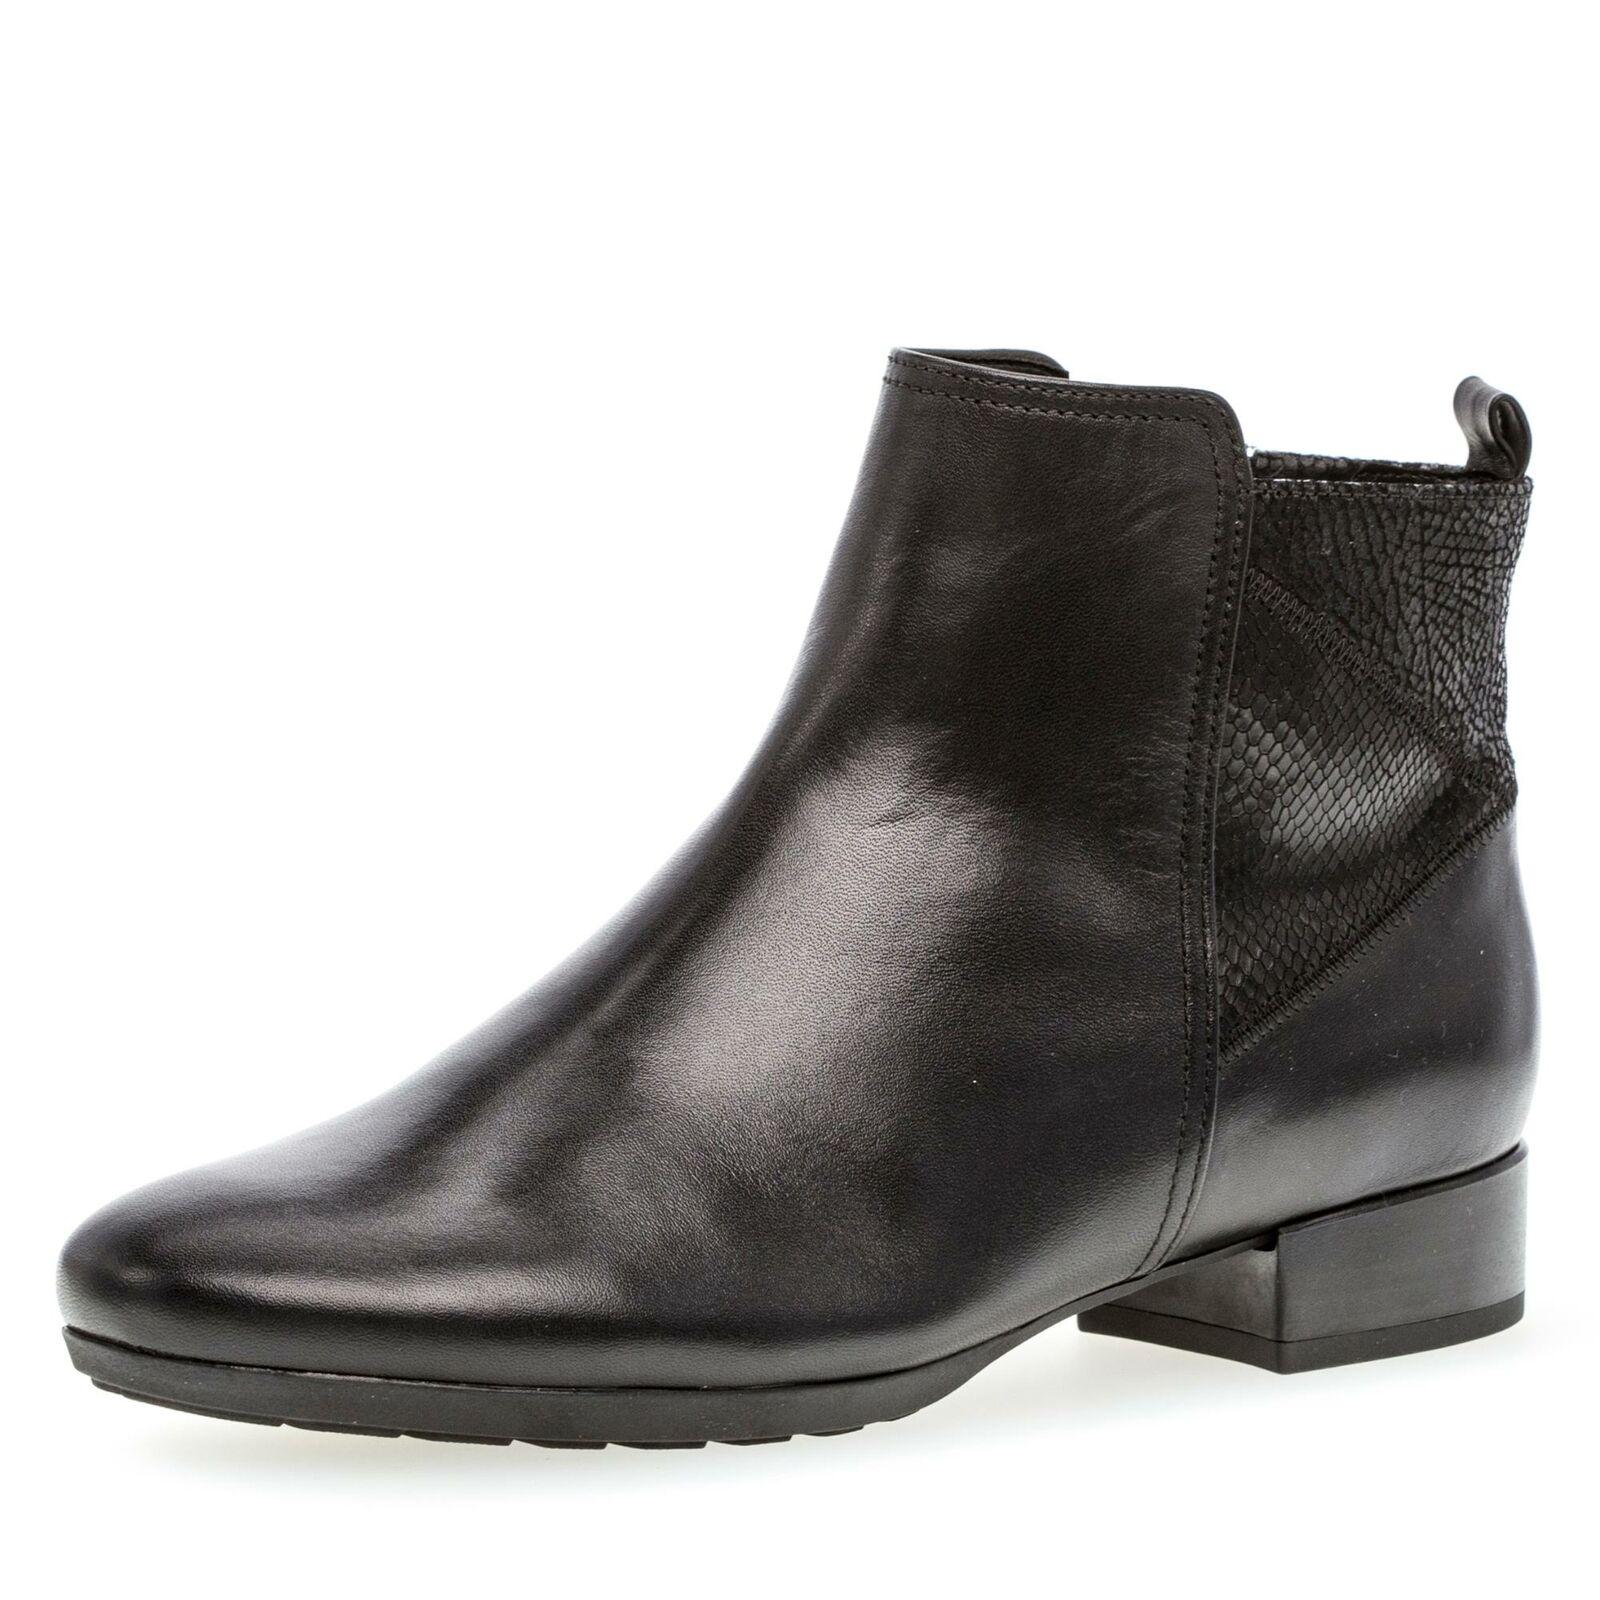 Gabor Comfort Damen modische Stiefelette Komfortschuhe Leder  Schuhe schwarz